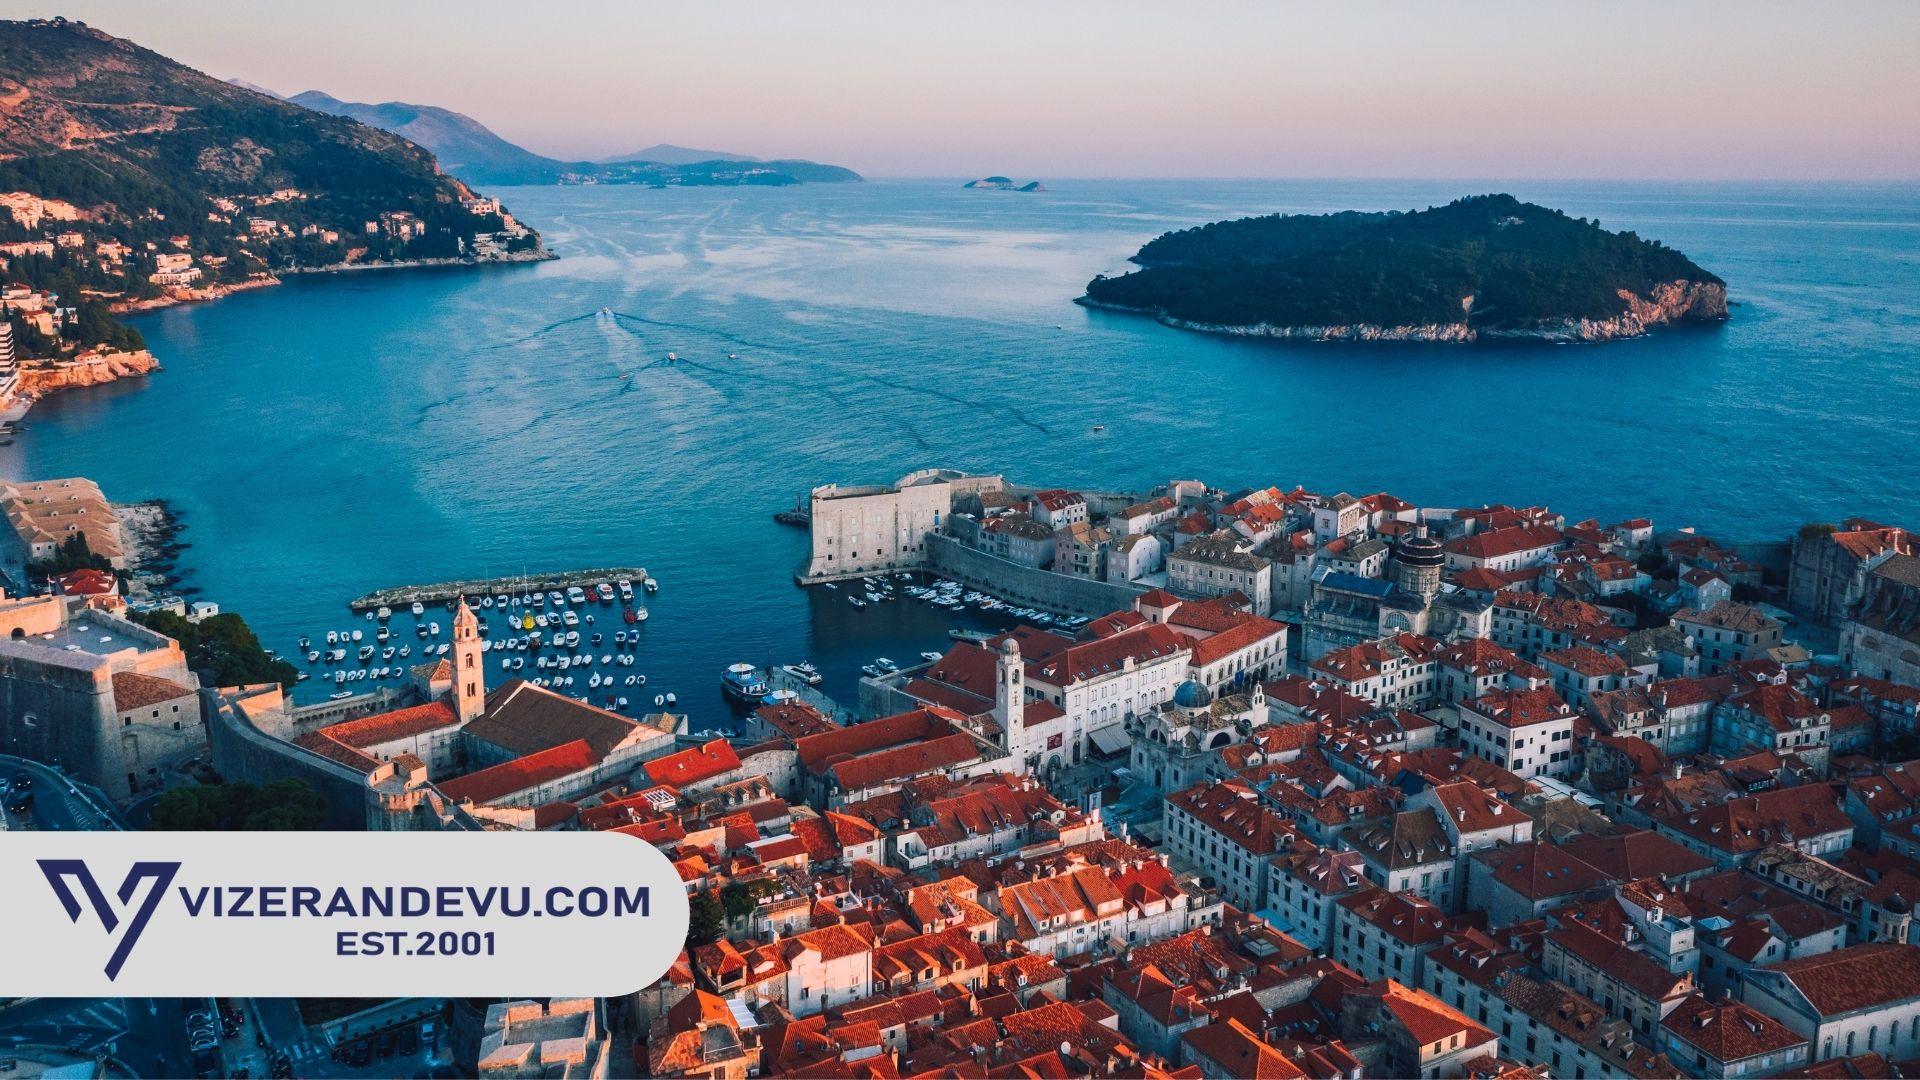 Hırvatistan Vize Evrakları: Güncel Liste 2021